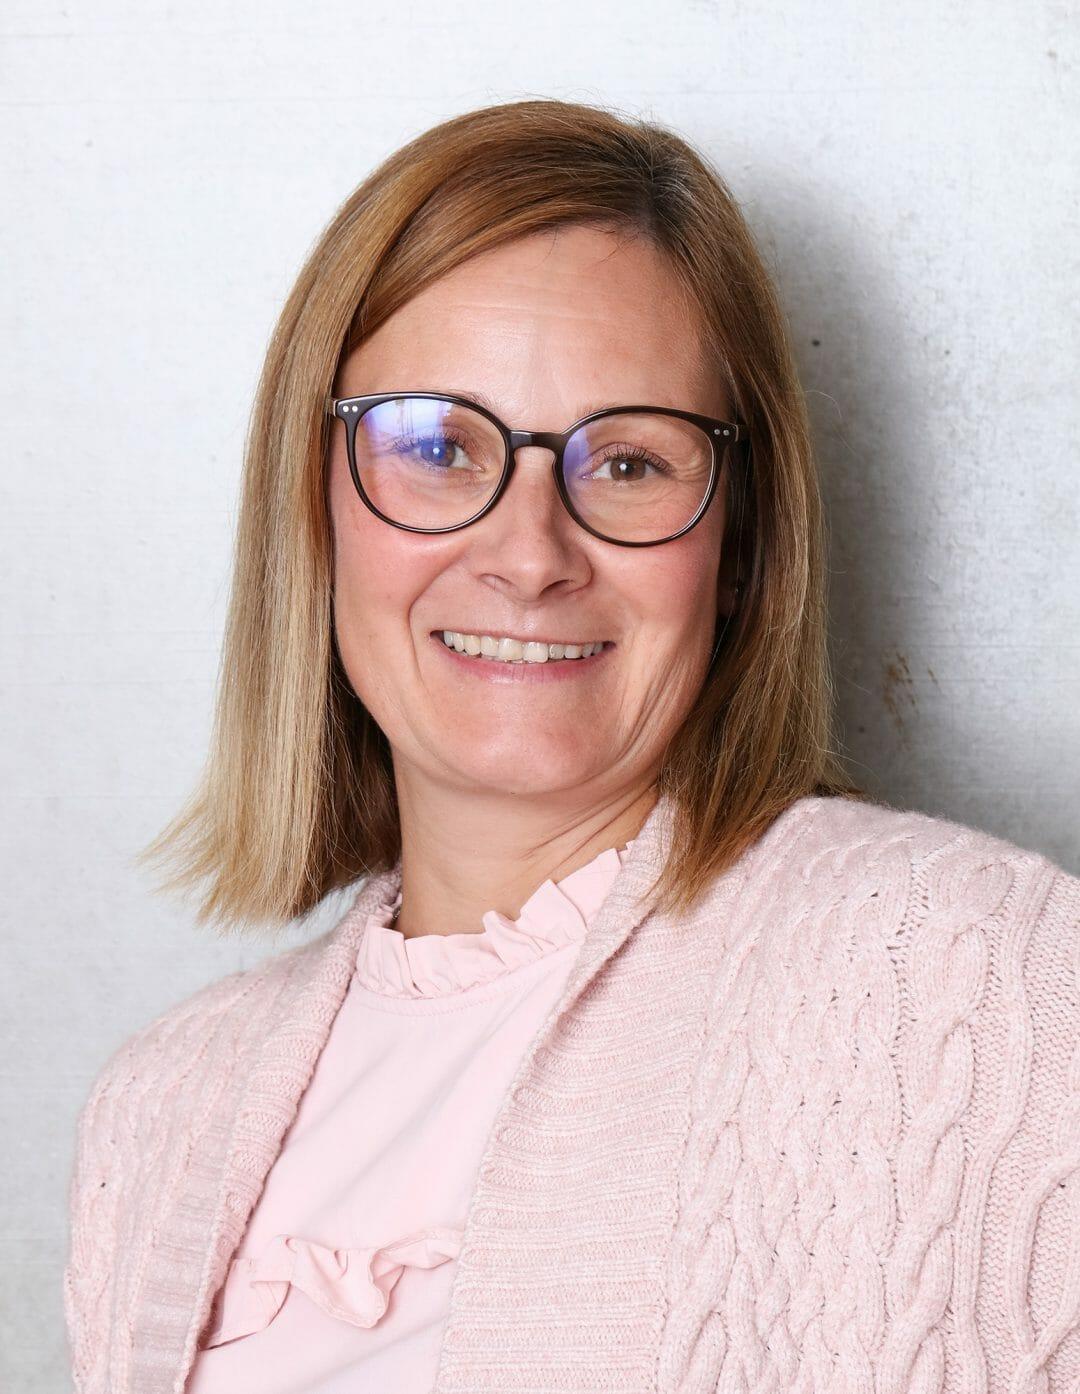 Beatrix Wiedemann is Backoffice & Marketing at Ananda Impact Ventures